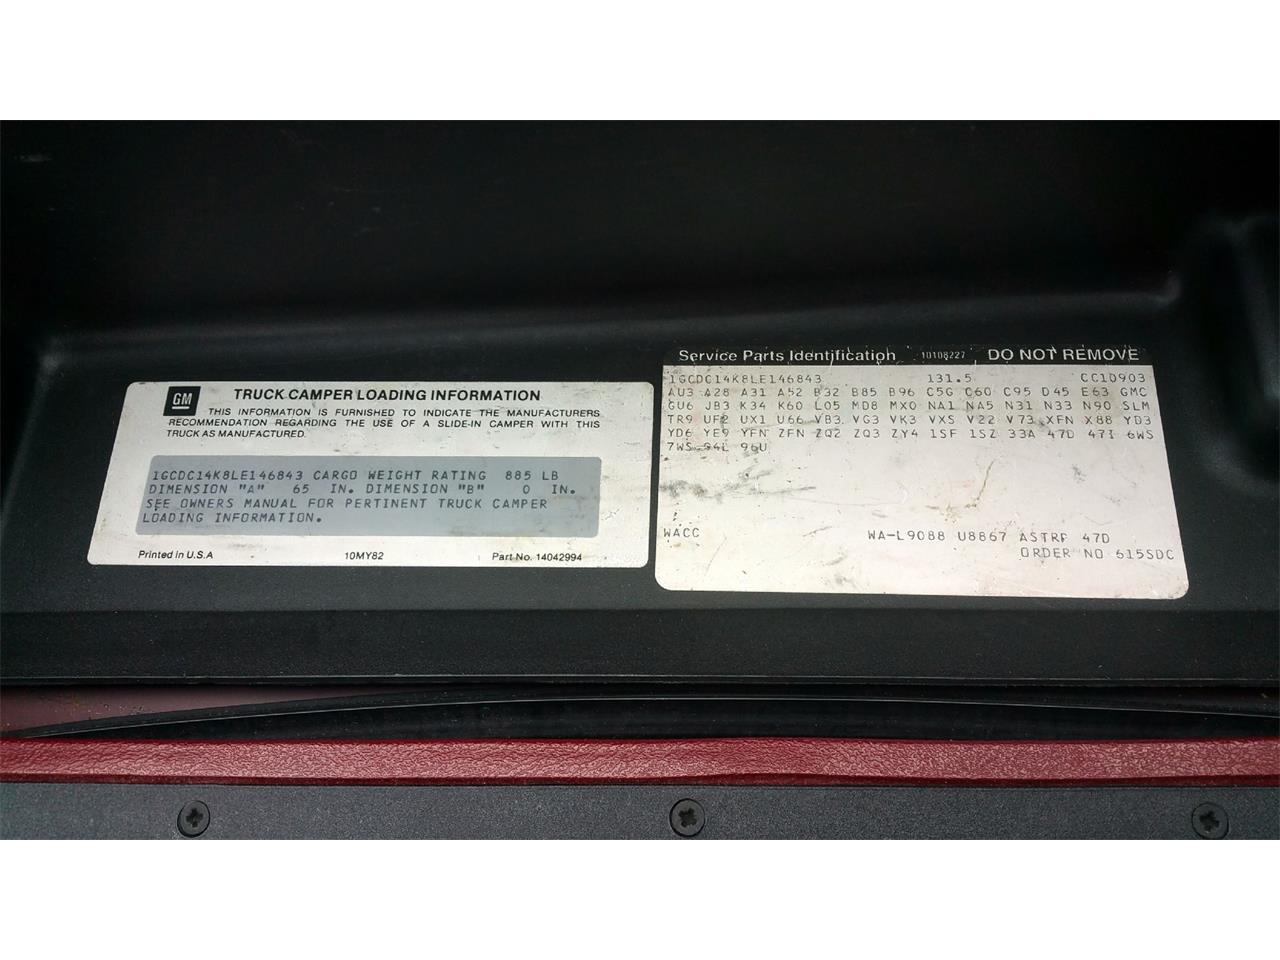 1990 silverado weight